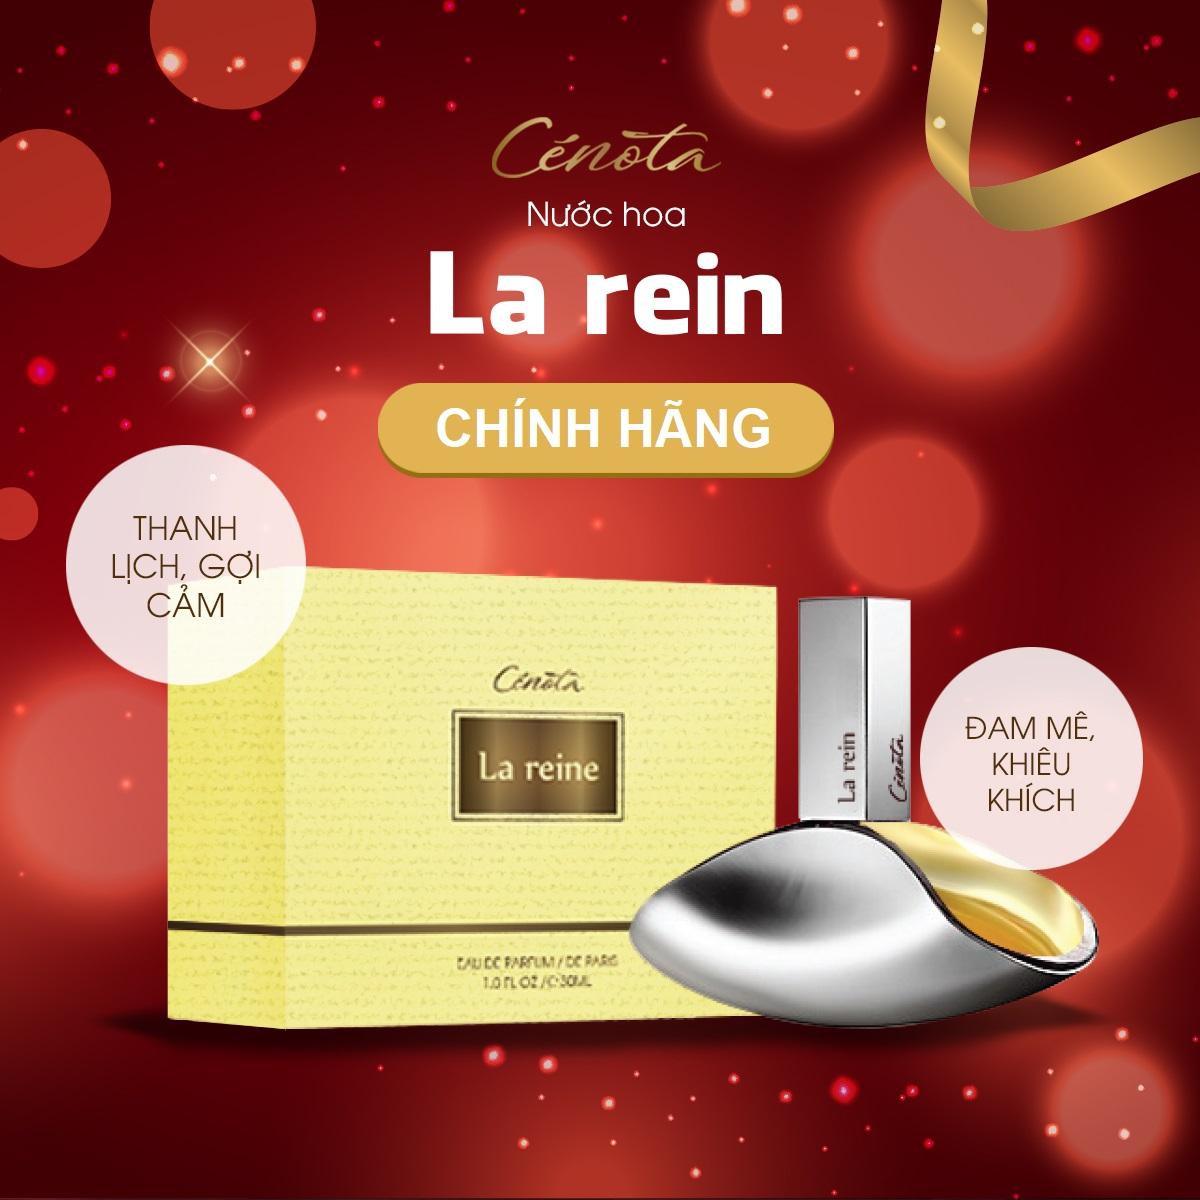 Nước Hoa Nữ Cenota La Reine 30ml Thanh Lịch Gợi Cảm